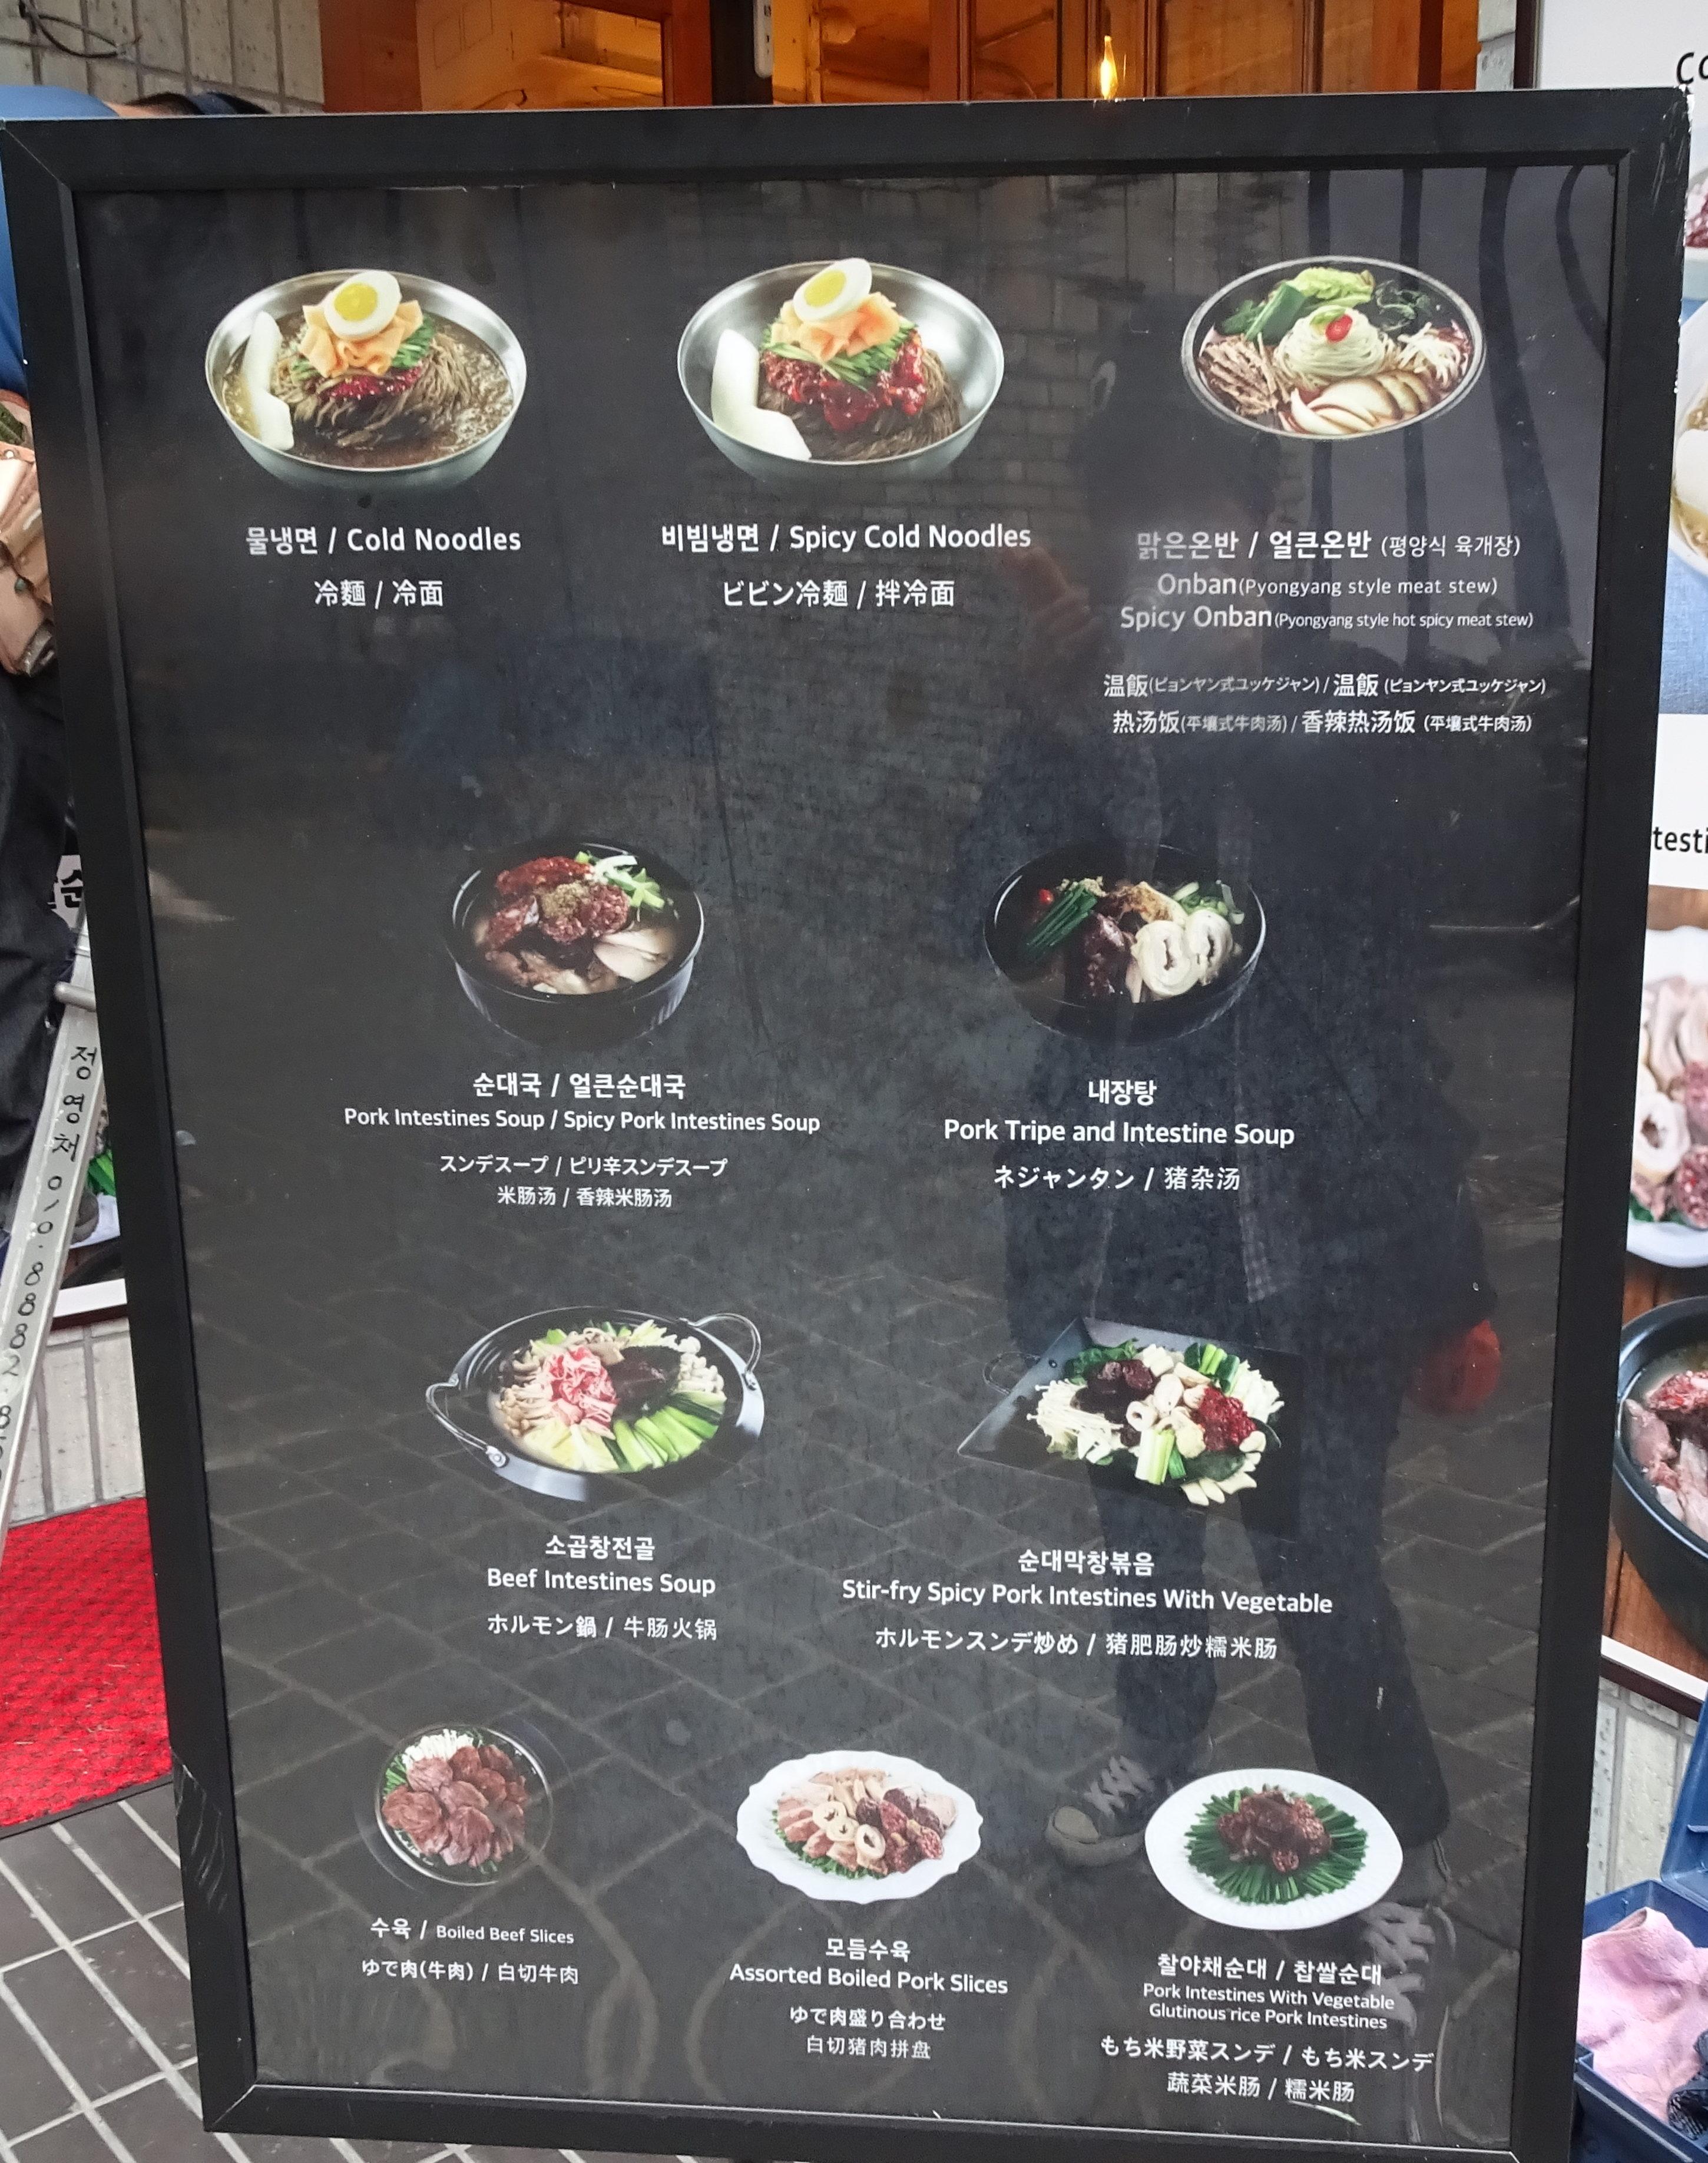 ユチョン冷麺とヘヌルチャッサルスンデ共同のお店。メニューは写真付きで日本語表記があるので安心